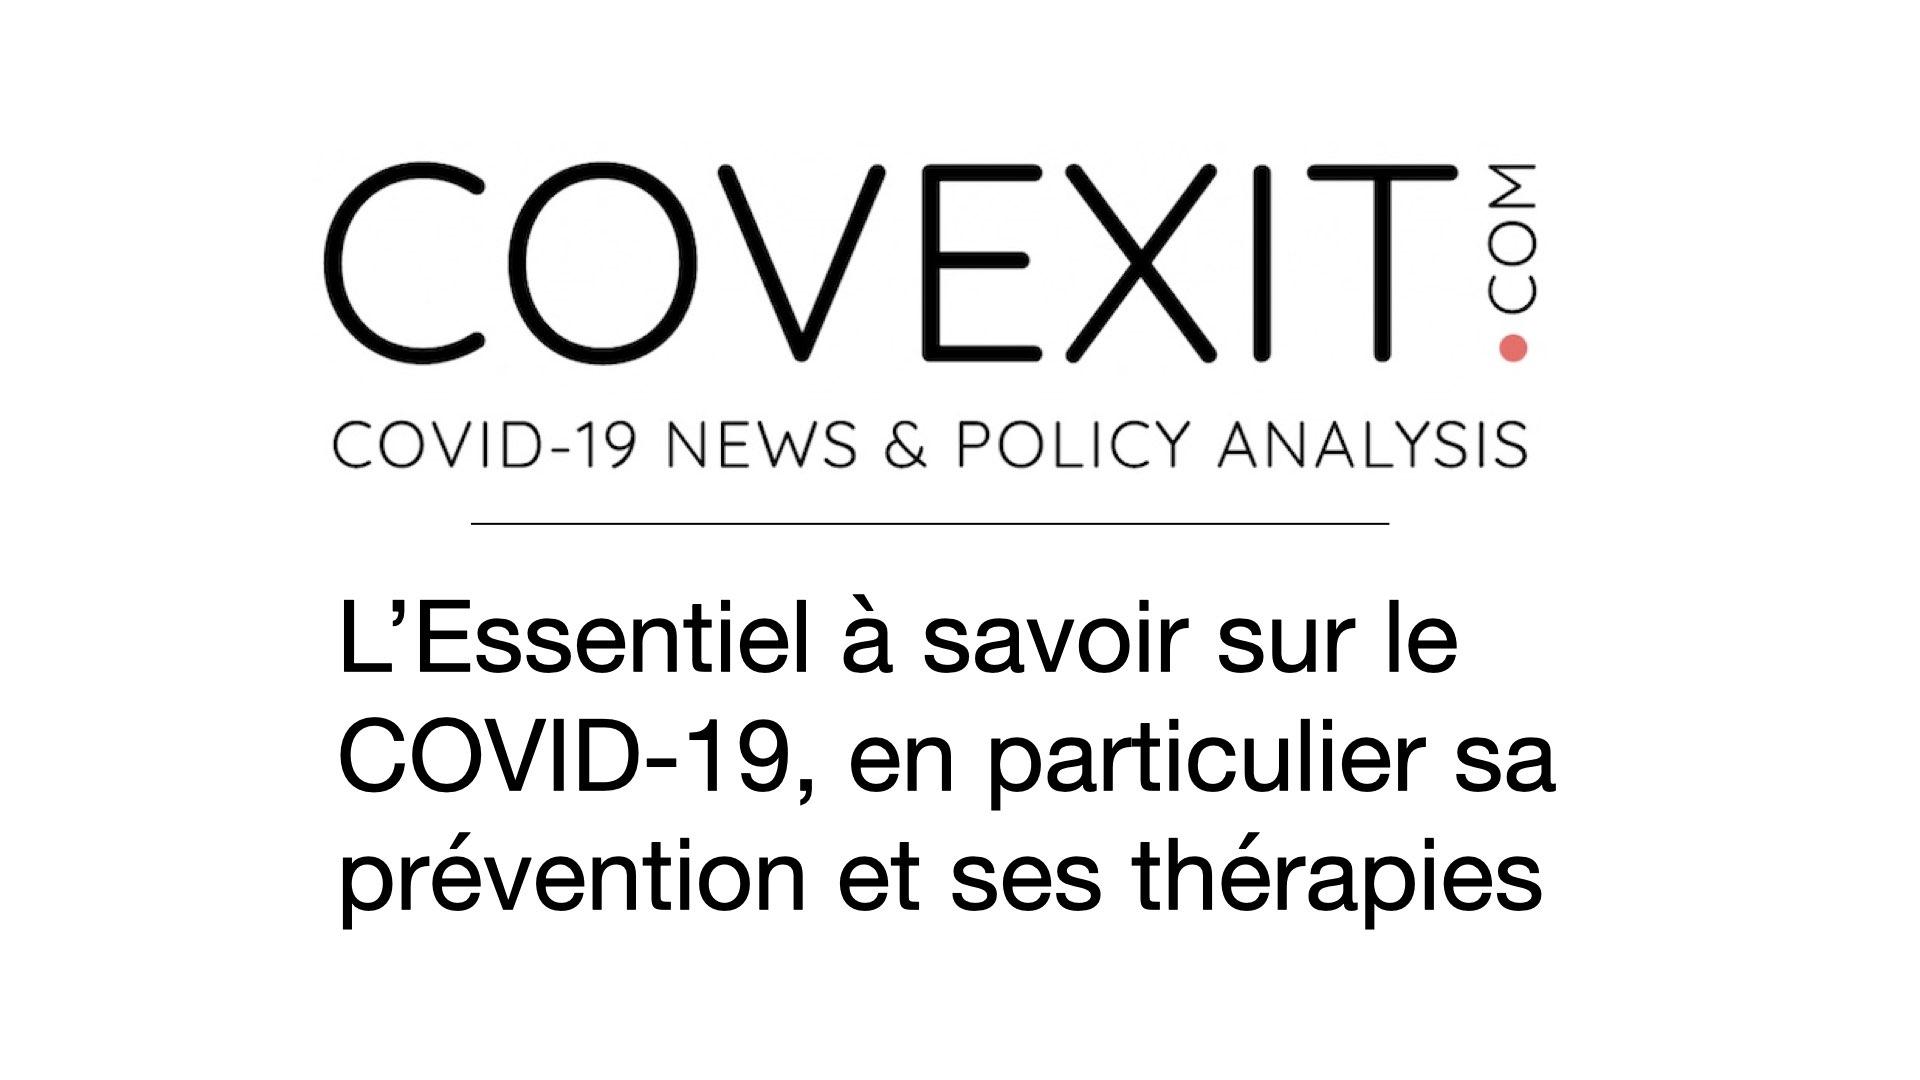 L'Essentiel à savoir sur le COVID-19, en particulier sa prévention et ses thérapies